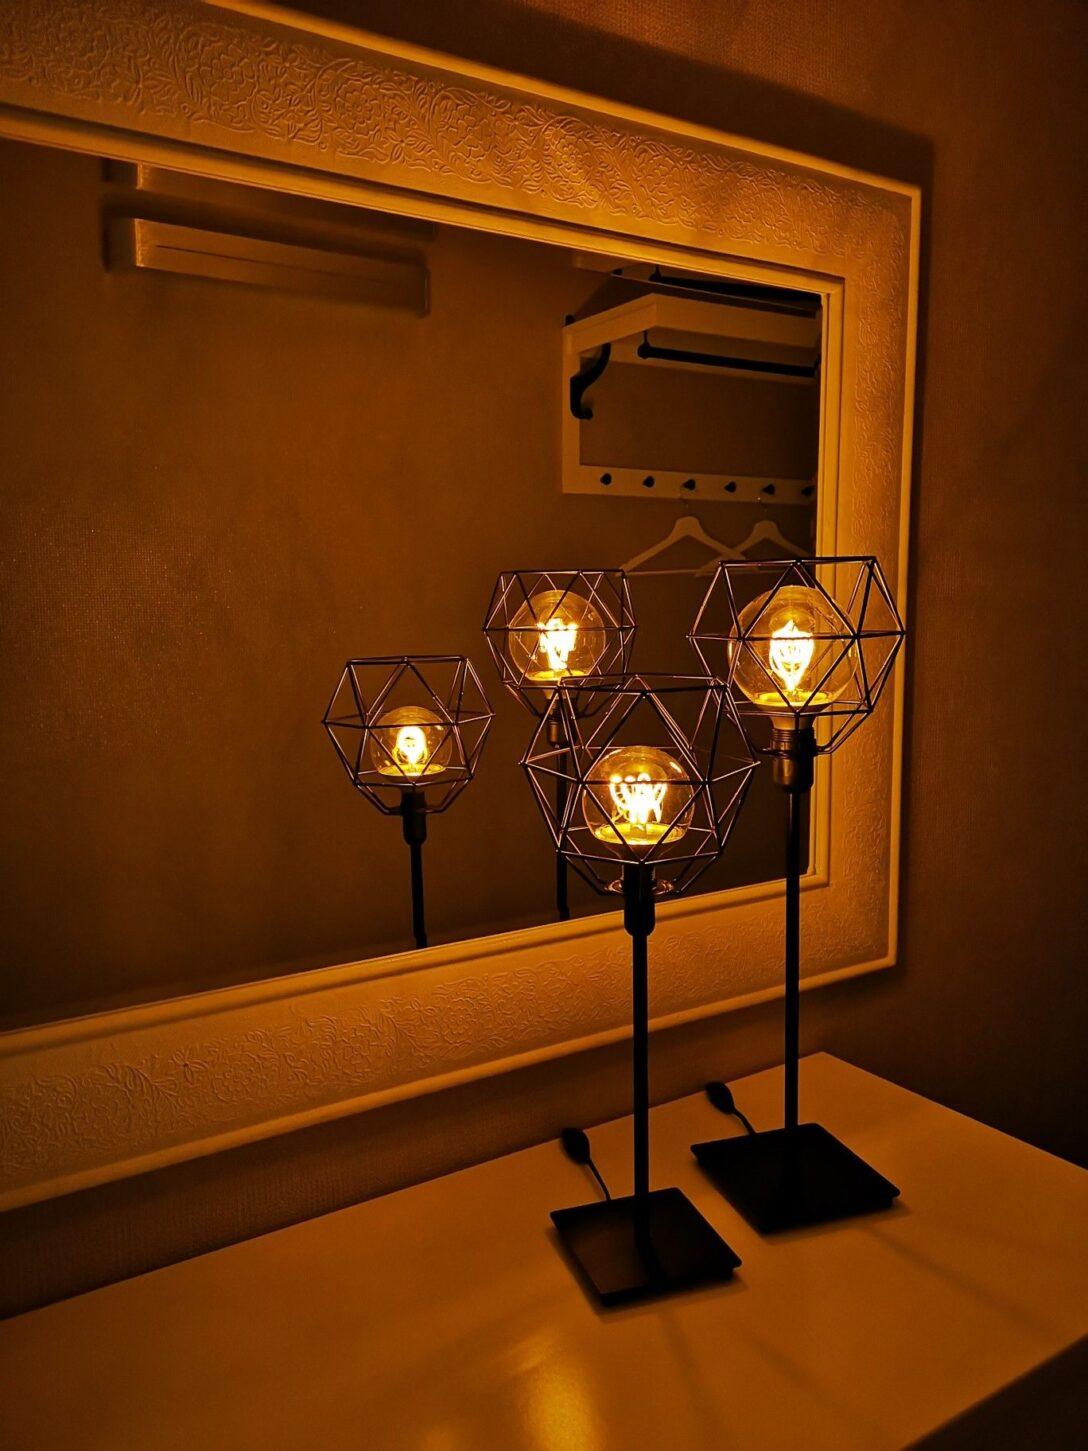 Large Size of Wohnzimmer Lampe Ikea Leuchten Lampen Decke Von Stehend Diy Flur Leuchte Deko Tischlampe Landhausstil Deckenlampe Designer Esstisch Bad Led Schrankwand Küche Wohnzimmer Wohnzimmer Lampe Ikea